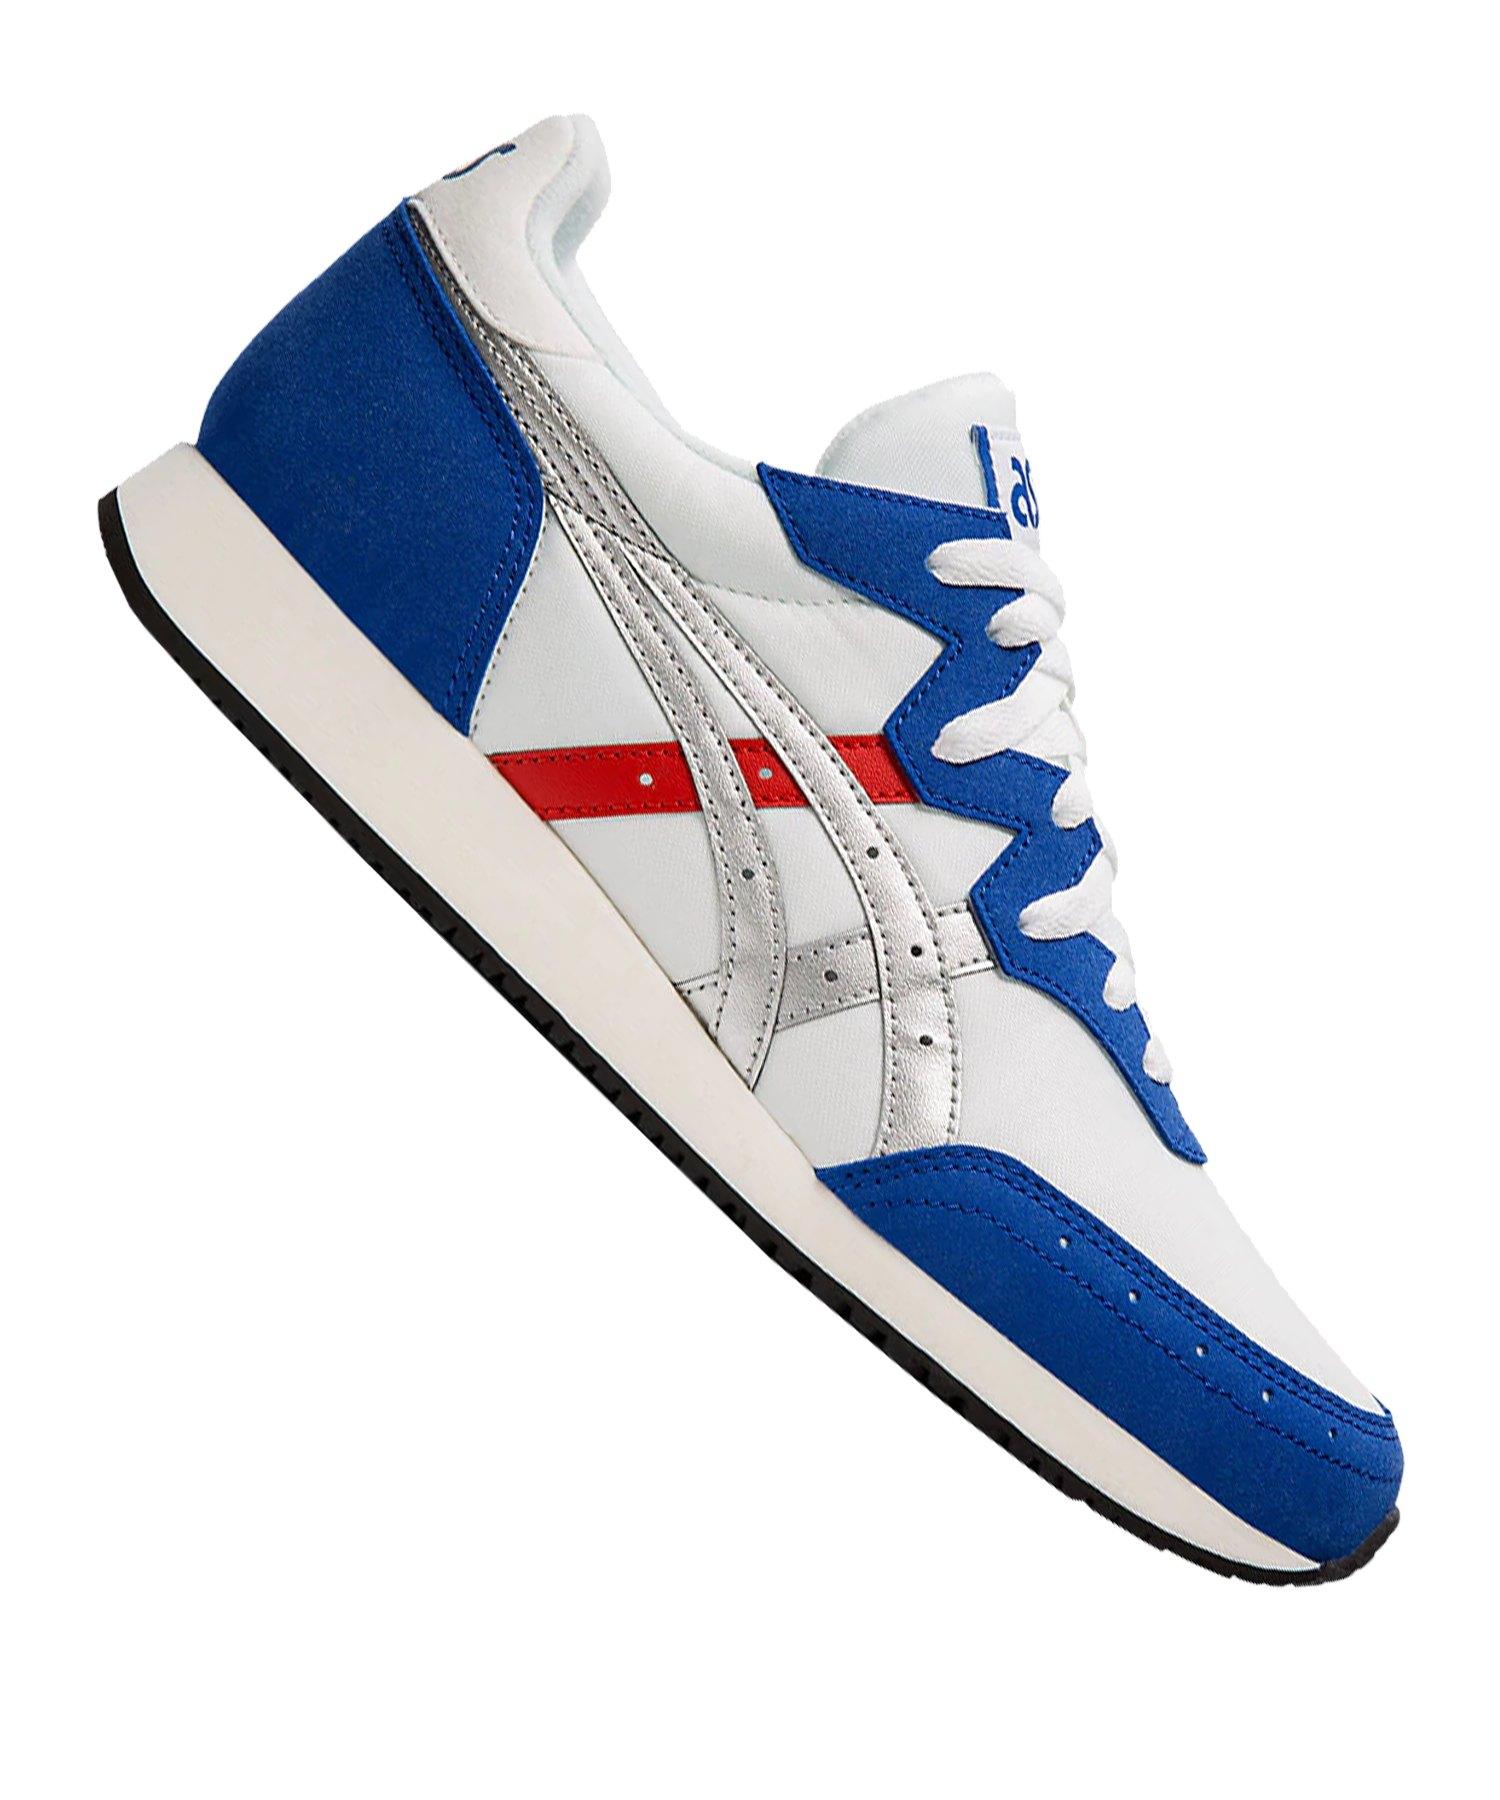 Asics Tarther OG Sneaker Weiss Blau F101 - weiss